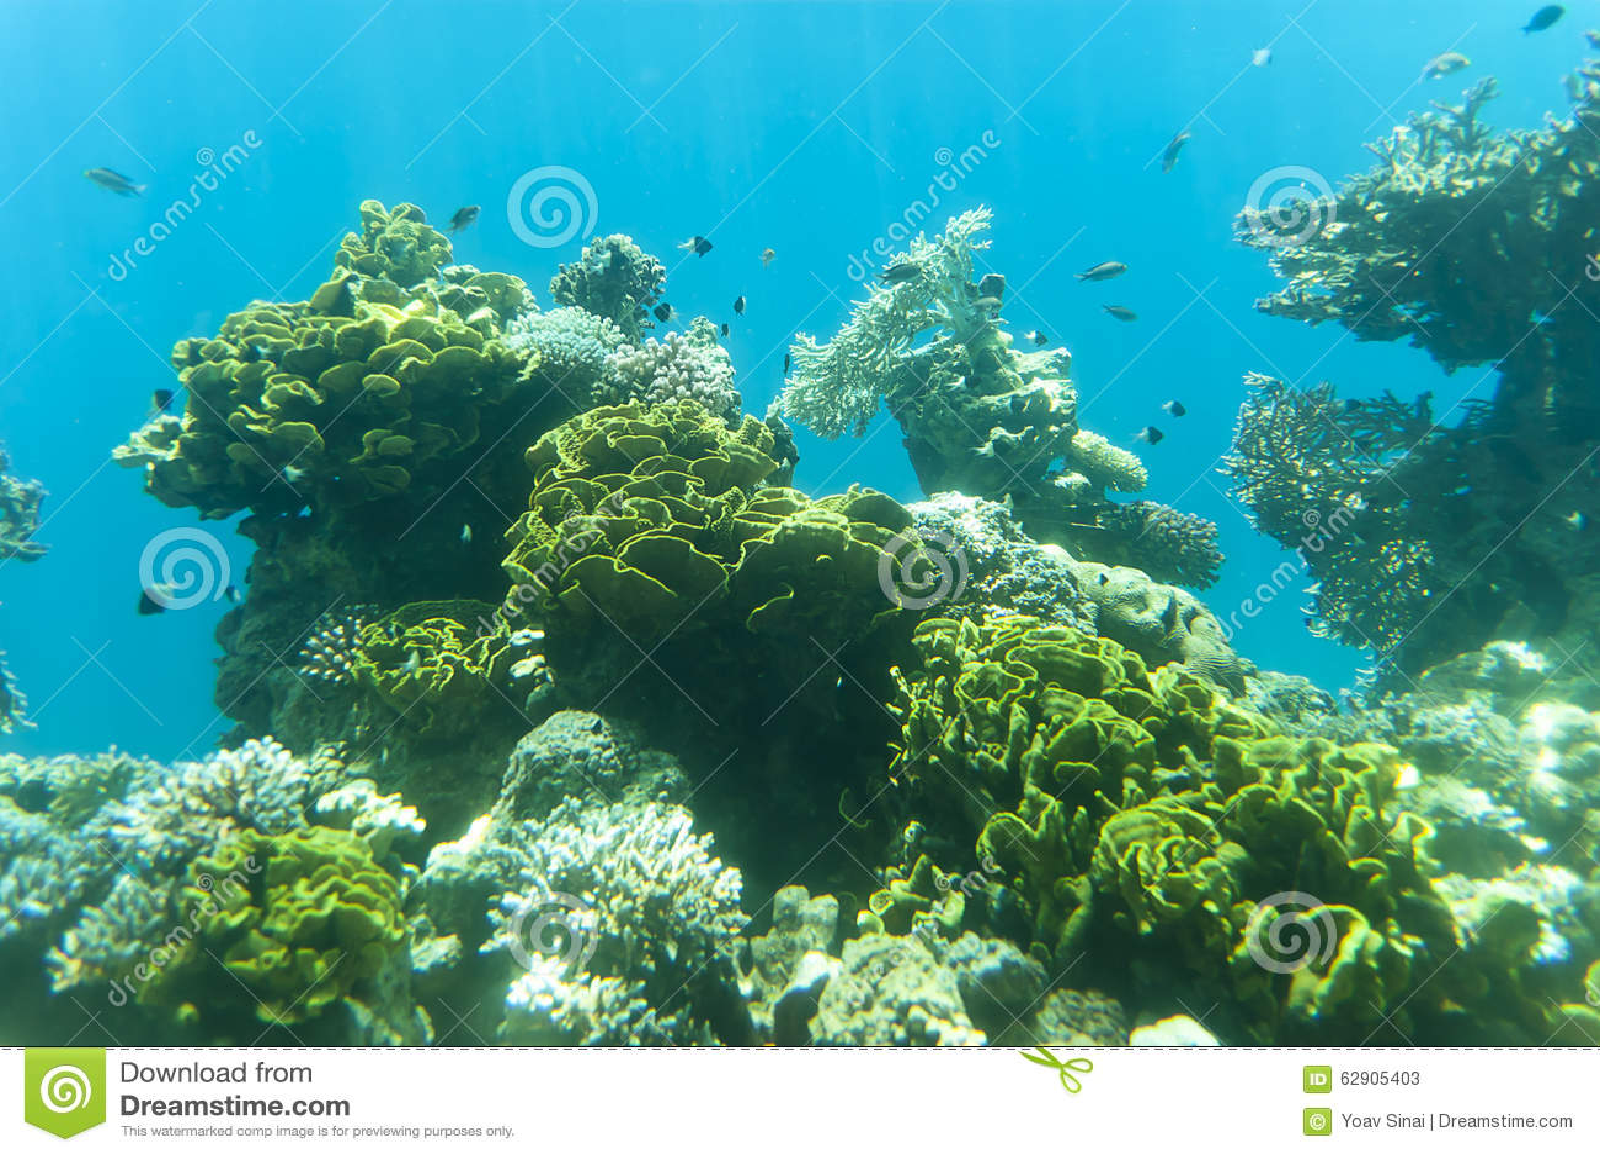 a73828f6b4 Visión debajo del agua imagen de archivo. Imagen de corales - 62905403